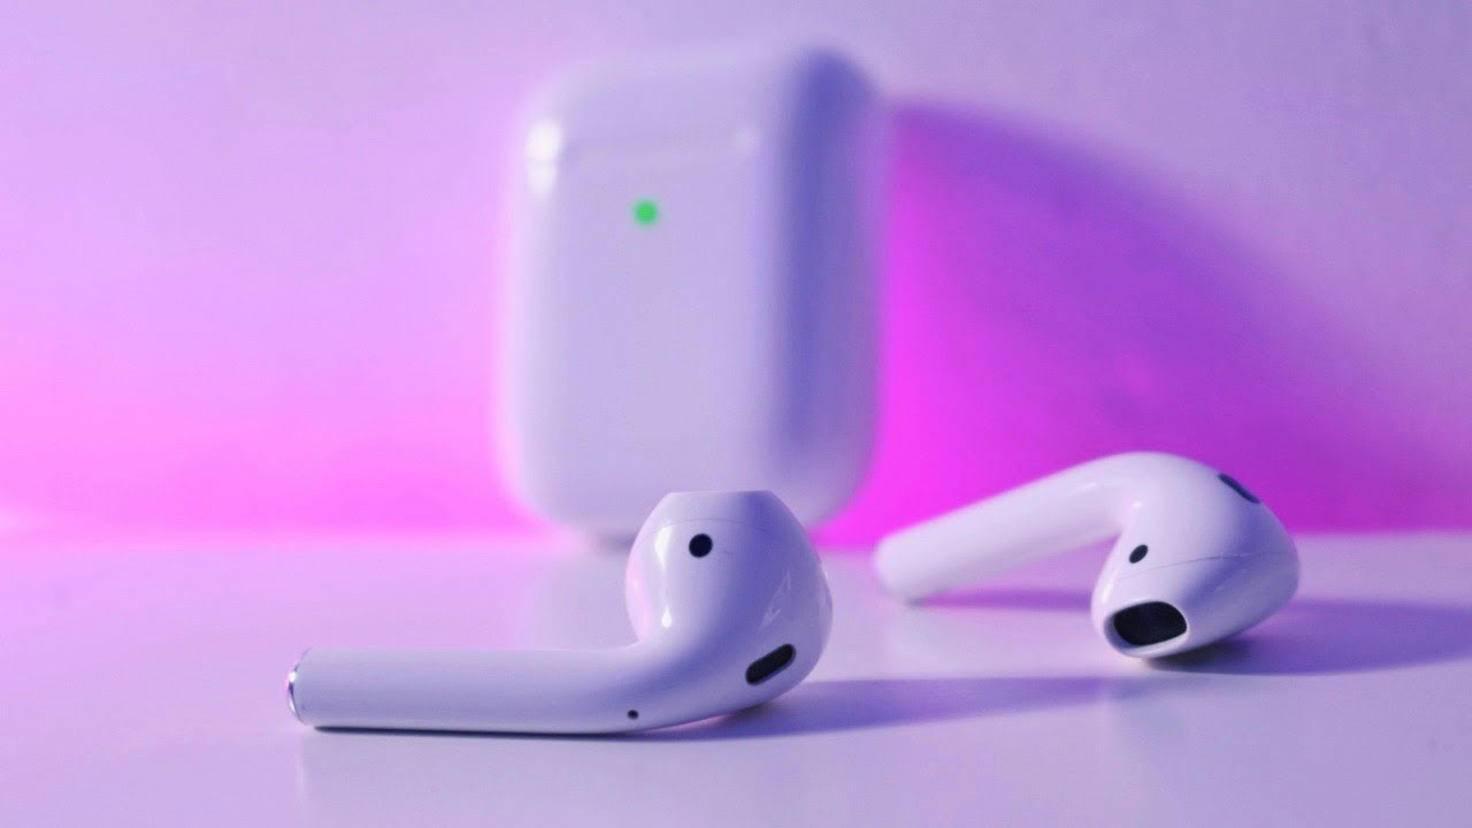 Les Apple AirPods 2 reposent sur une surface, tandis que le nouveau boîtier de chargement sans fil peut être vu en arrière-plan.